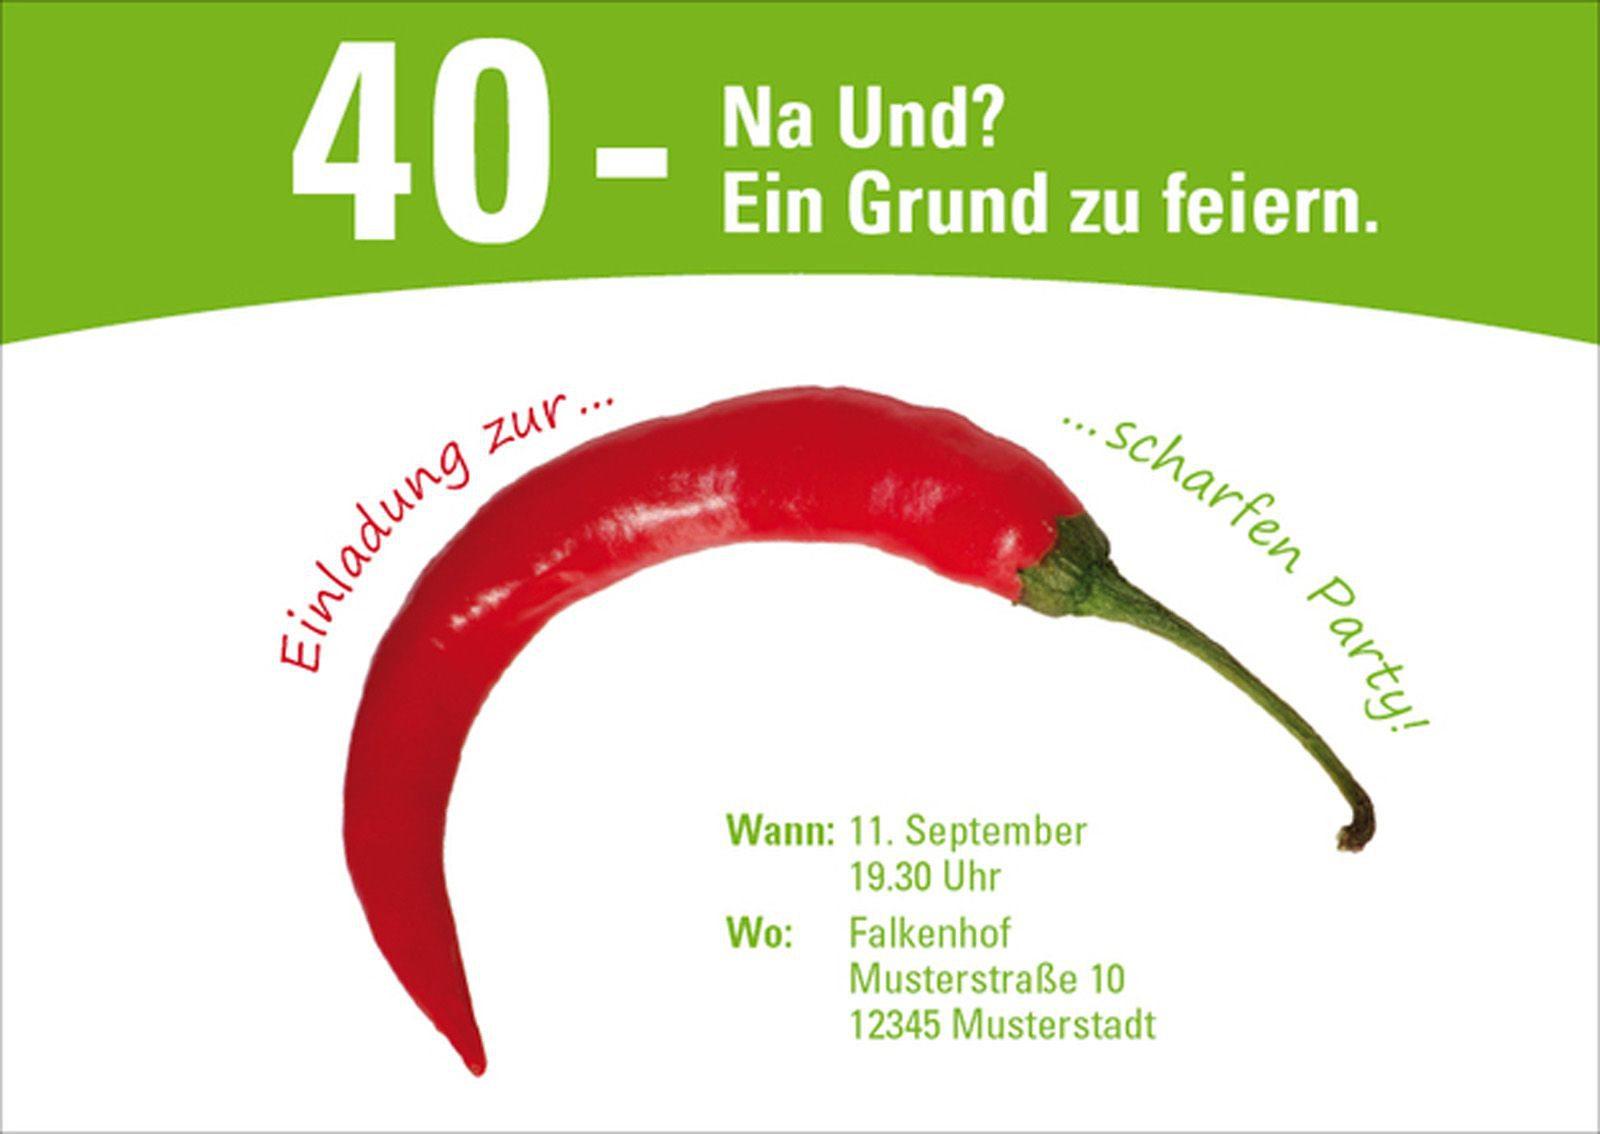 einladung zum 40 geburtstag : einladung zum 40 geburtstag vorlagen, Einladungsentwurf